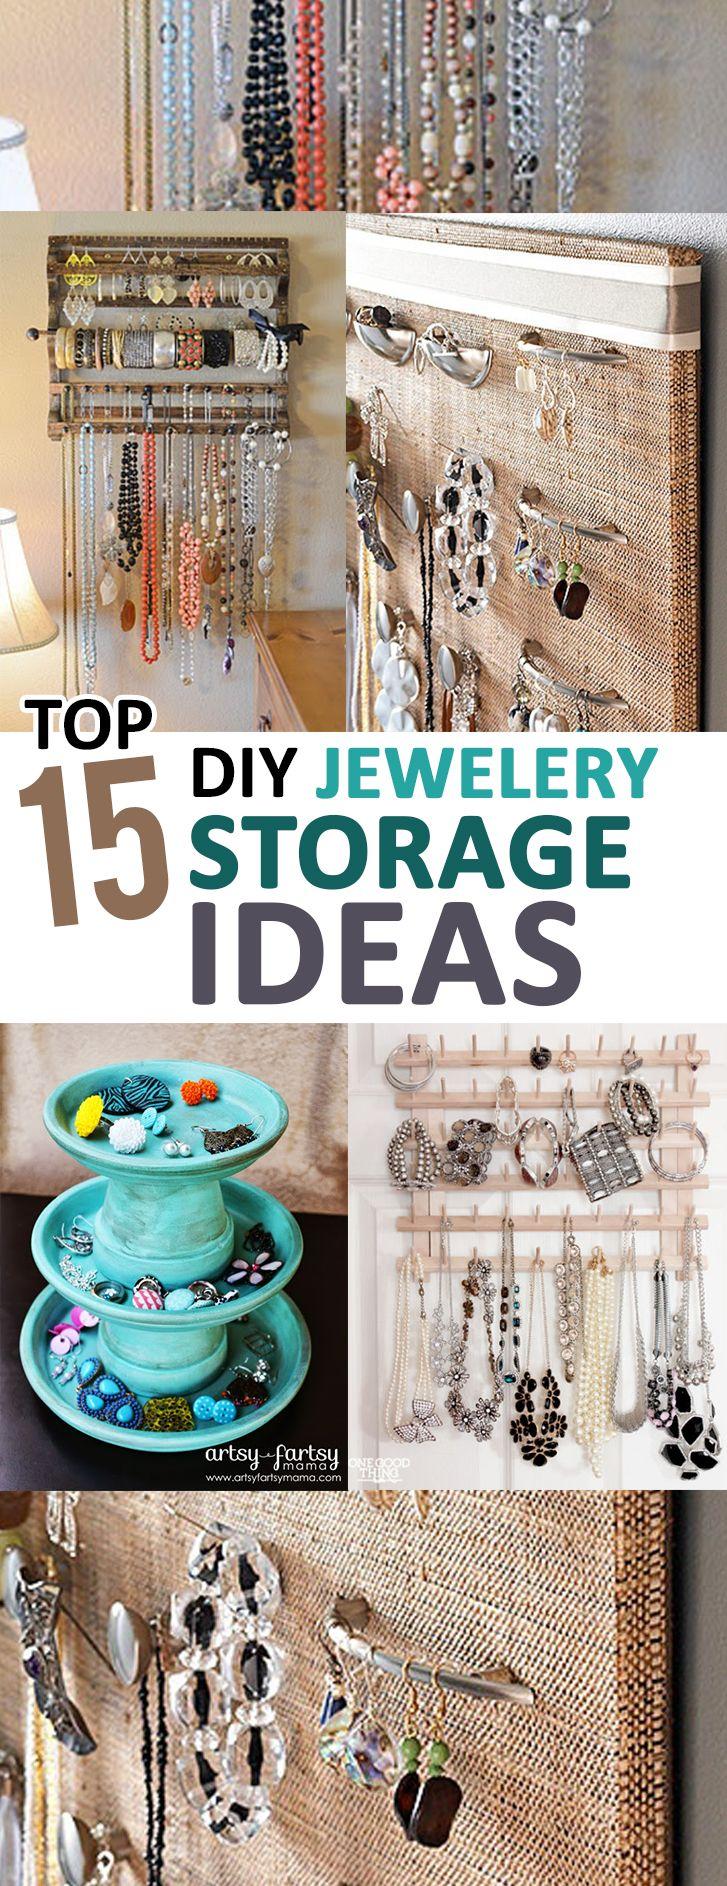 Top 15 DIY Jewelry Storage Ideas | jewelry organization ...